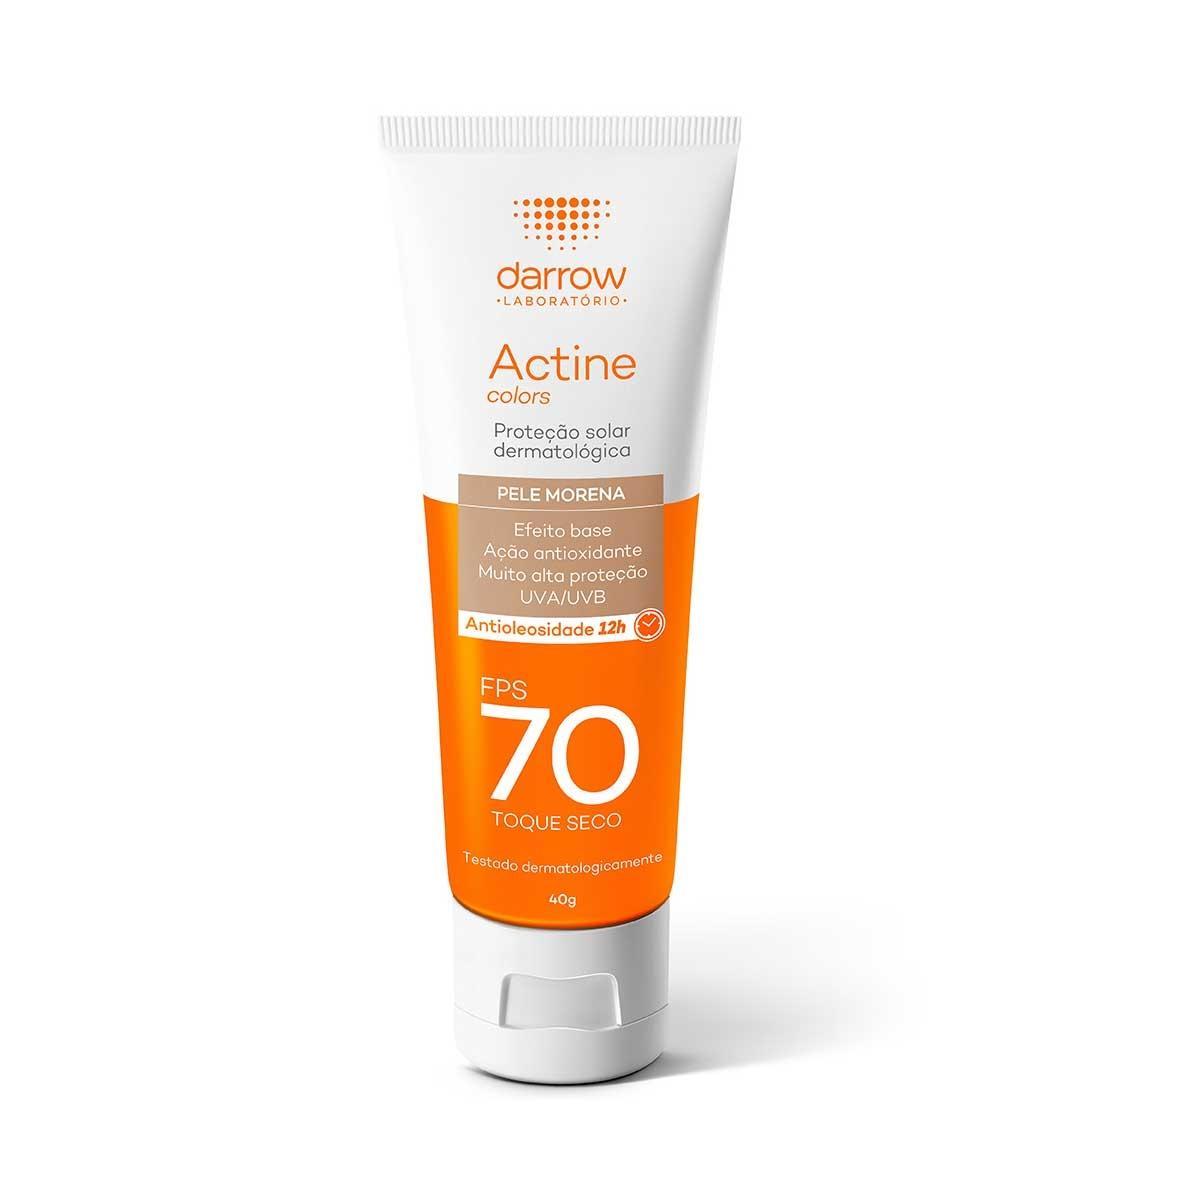 Protetor Solar Facial Actine Colors Pele Morena FPS 70 com 40g Darrow 40g